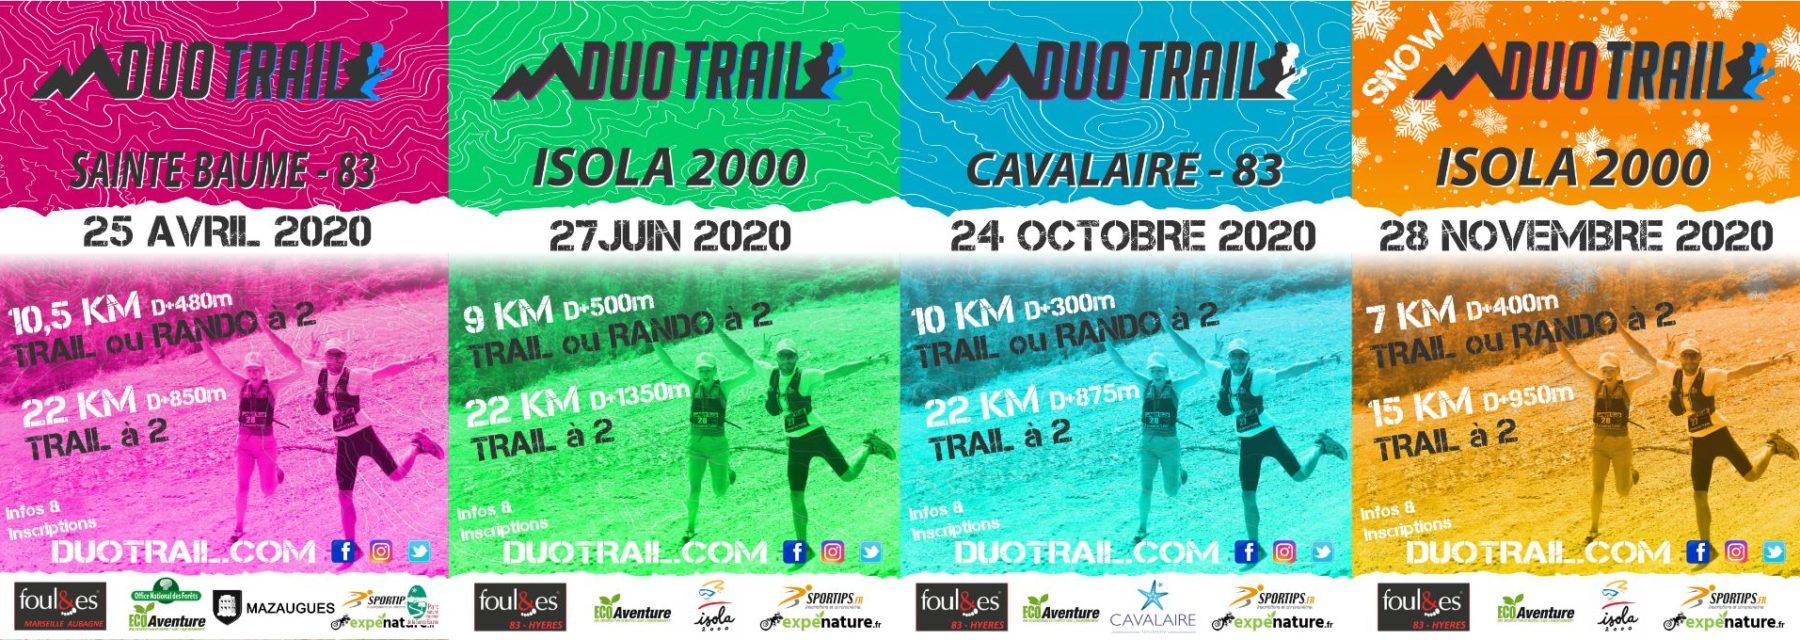 Course à pied en DUO CHALLENGE 2020 sur 4 courses